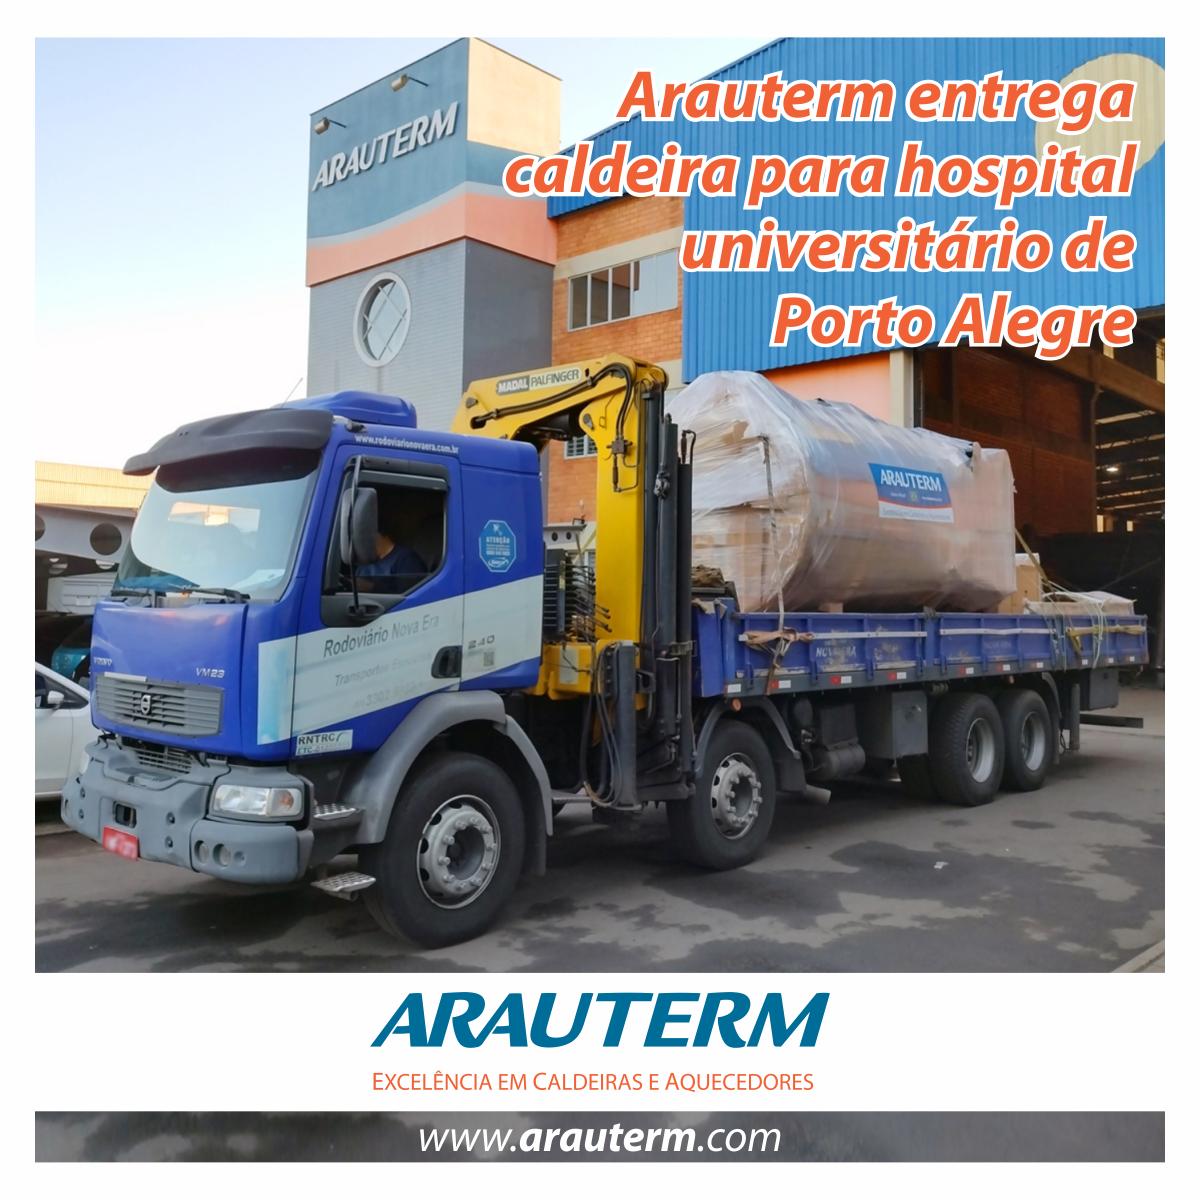 Arauterm entrega caldeira para hospital universitário de Porto Alegre